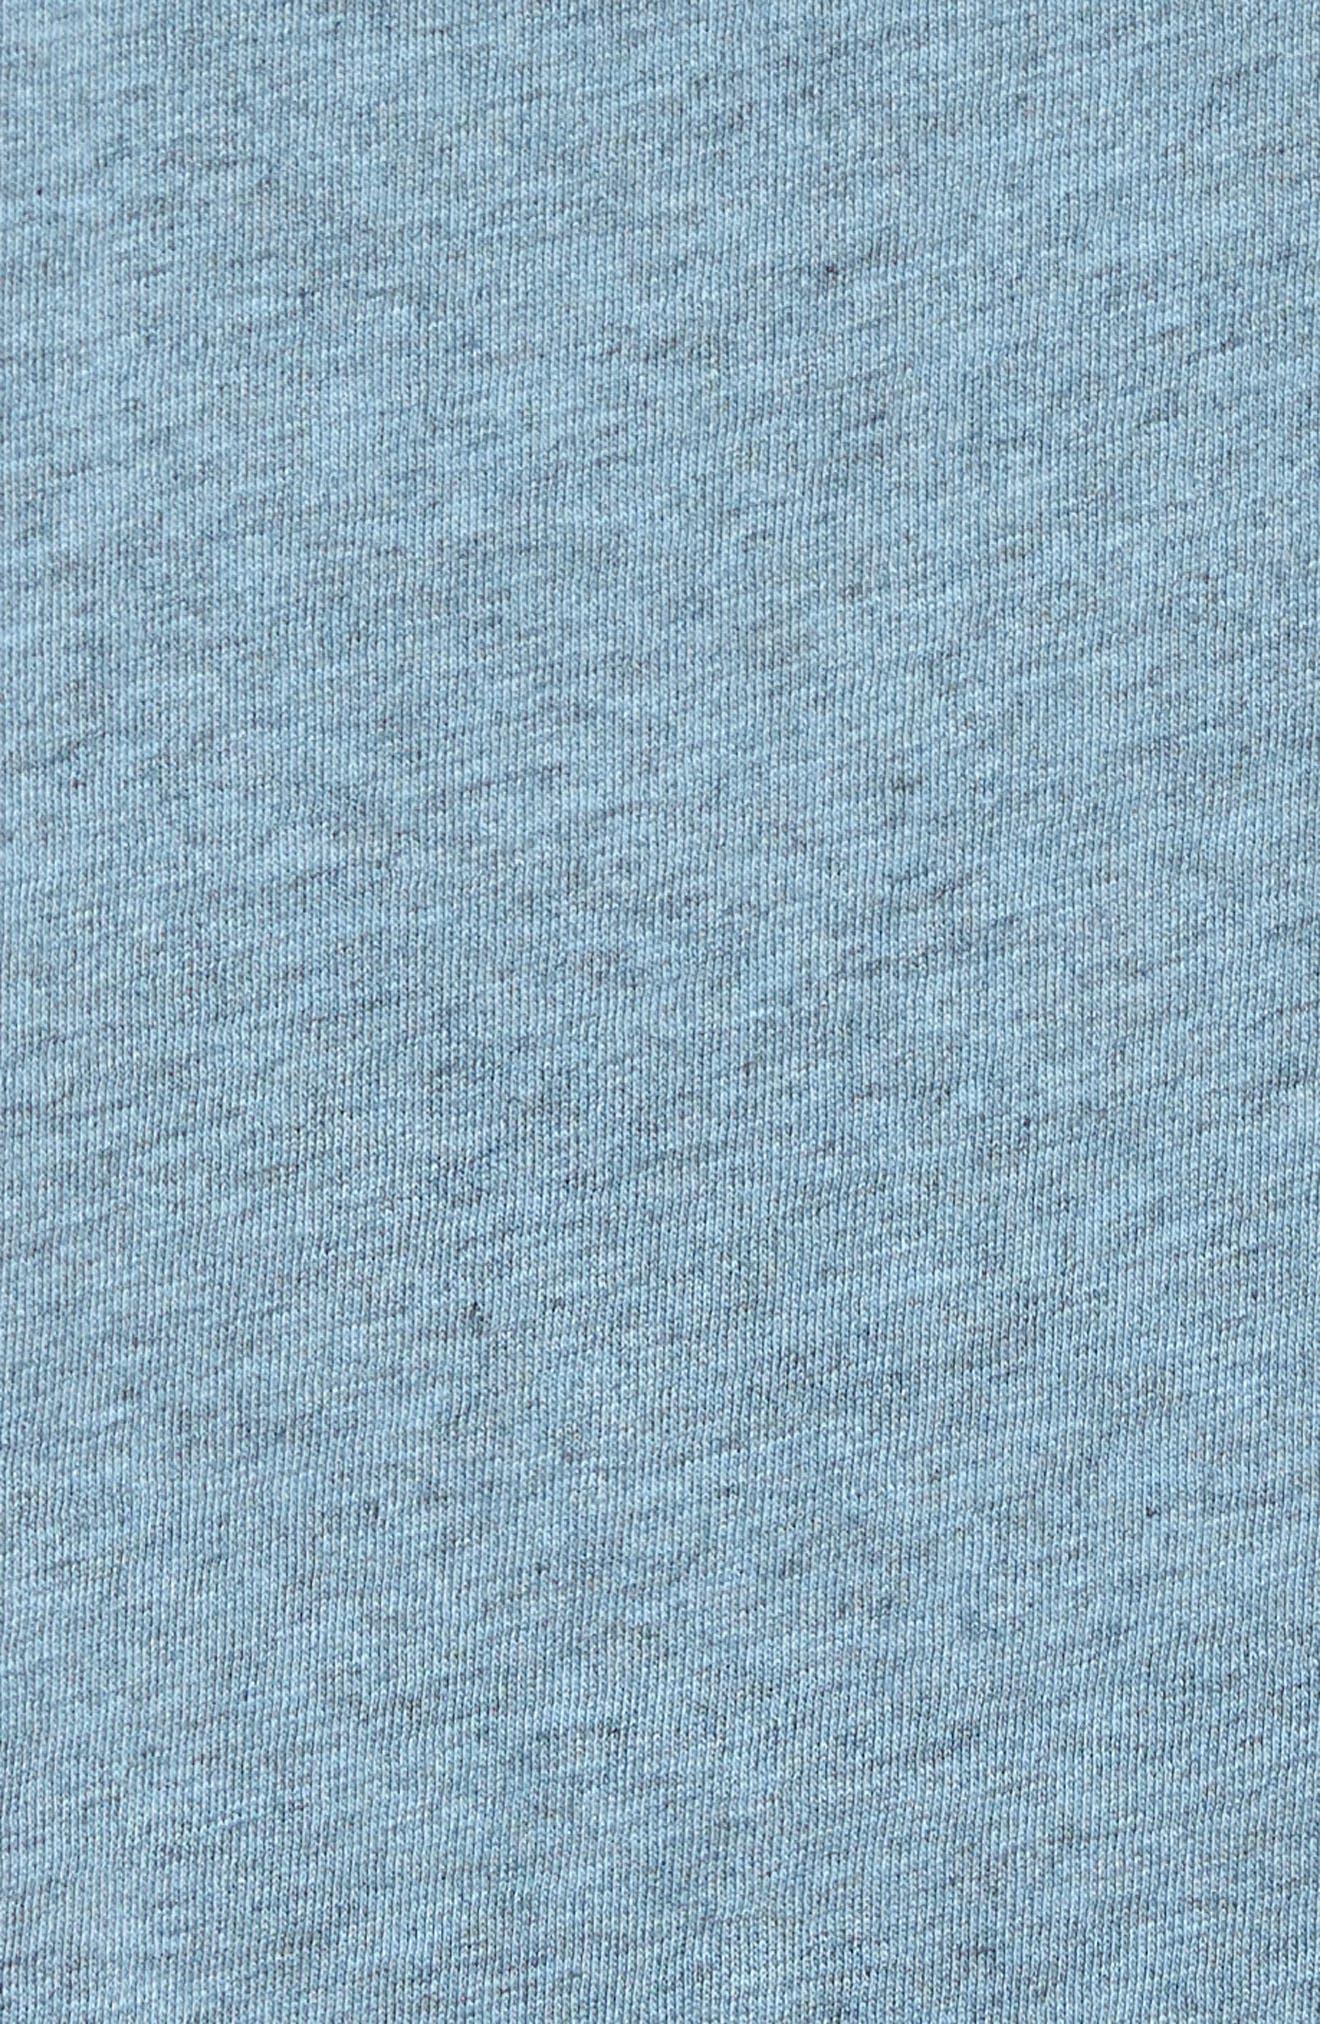 Bens Slim Fit Ringer T-Shirt,                             Alternate thumbnail 5, color,                             Overdyed Ashley Blue